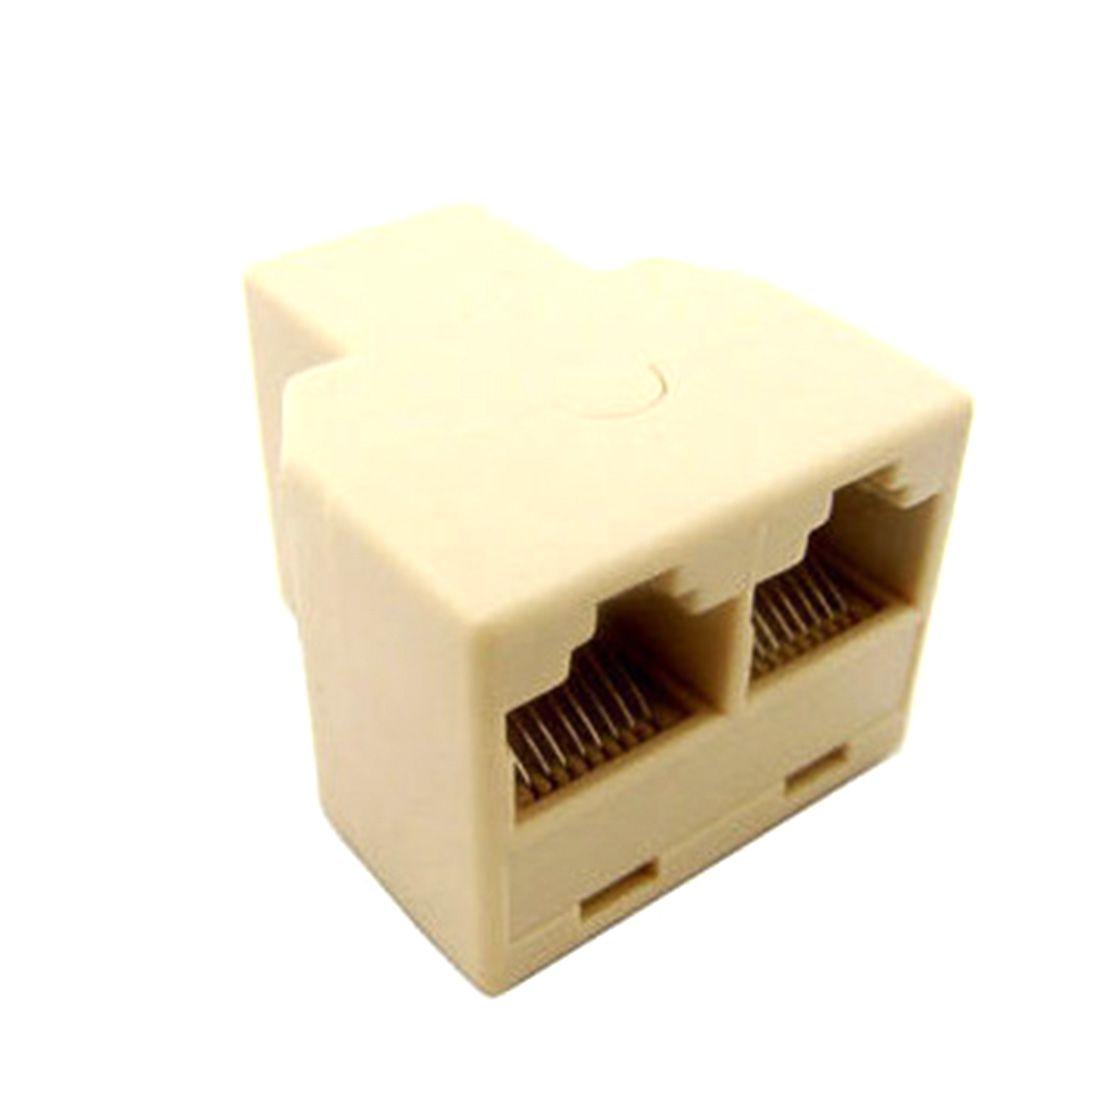 rj45 splitter connector cat5 lan ethernet splitter adapter 8p8c rh pinterest com connecting cat5 connectors wiring diagram for cat5 connectors